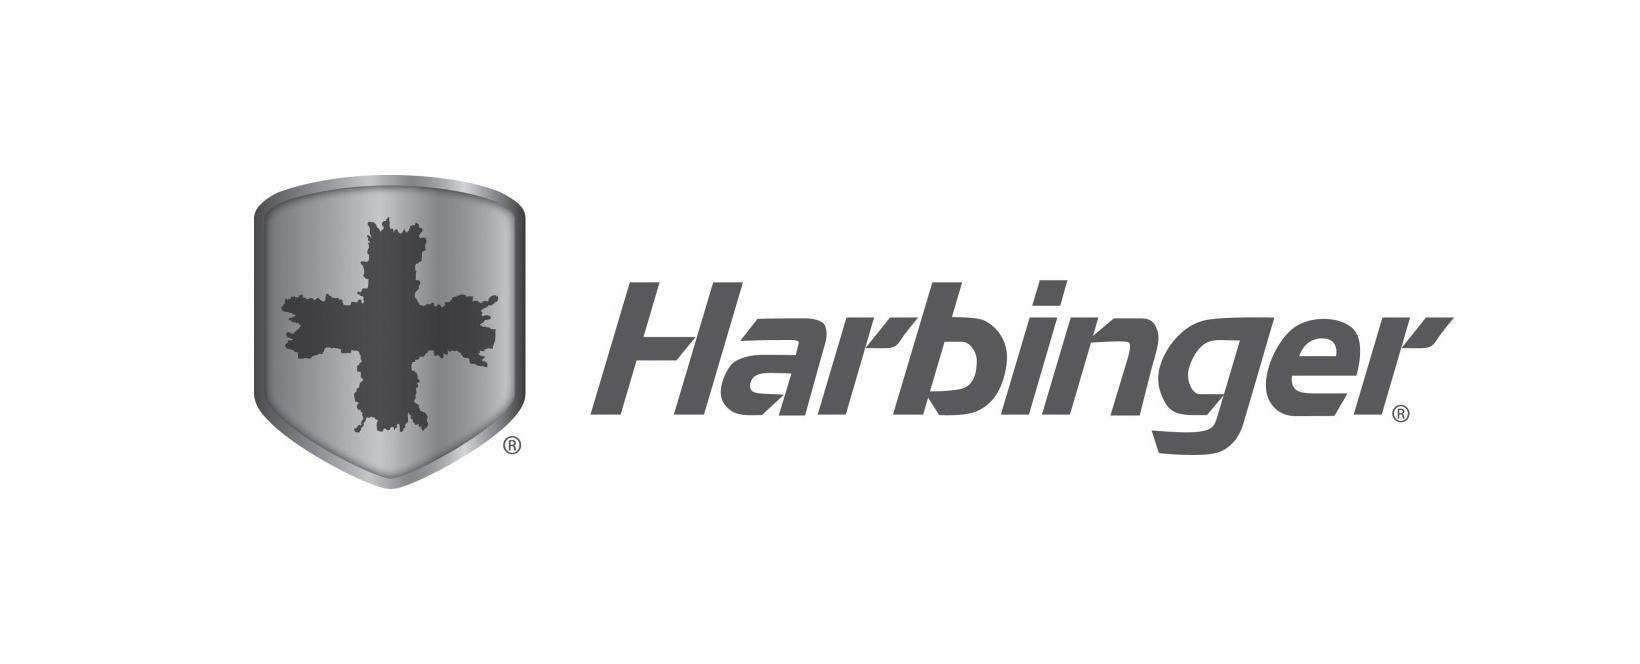 Harbinger Fitness Discount Code 2021